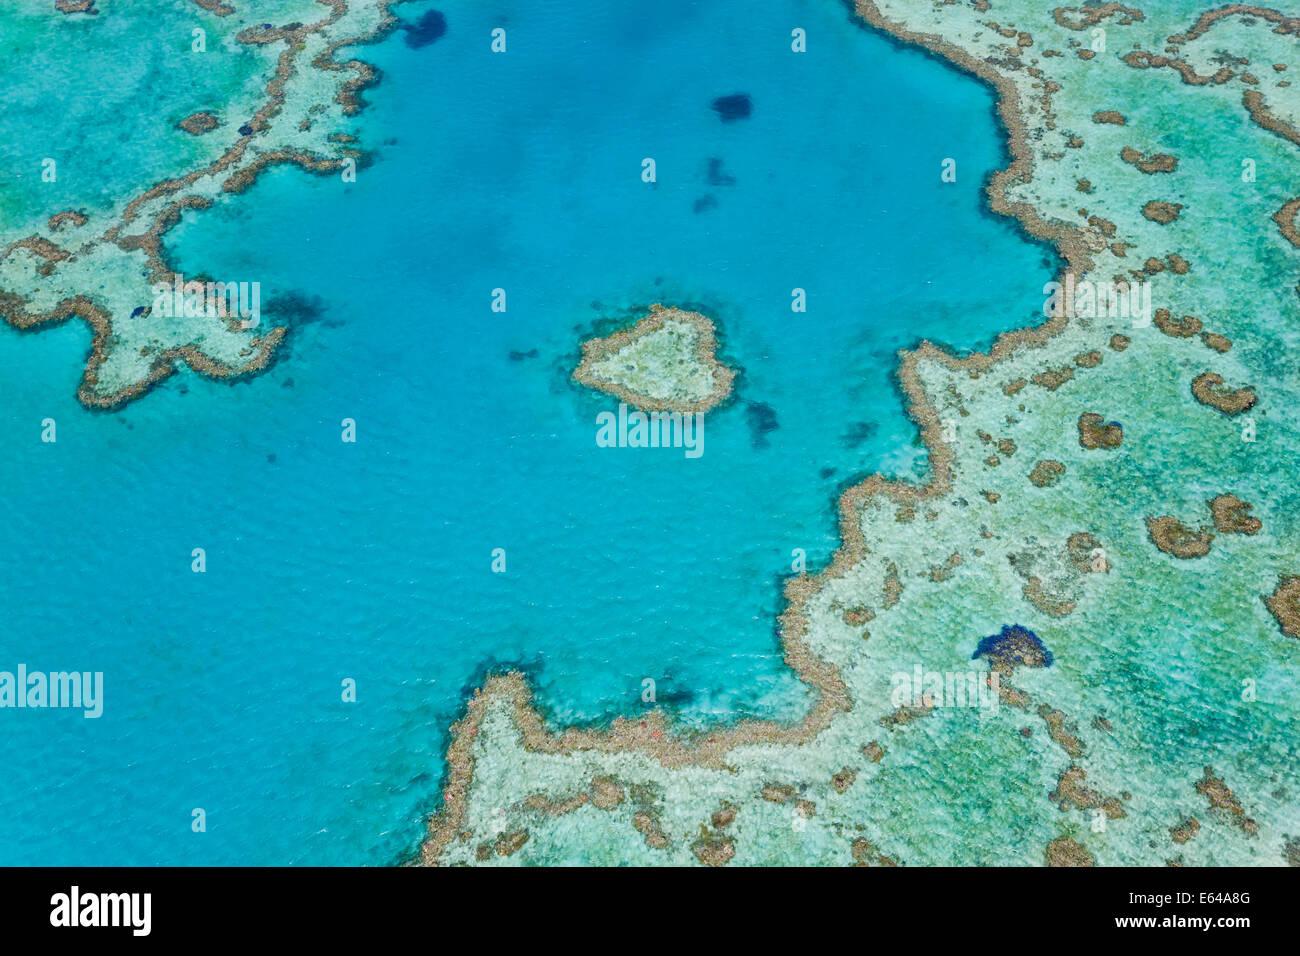 Vista aerea del cuore Reef, parte della Grande Barriera Corallina, Queensland, Australia Immagini Stock